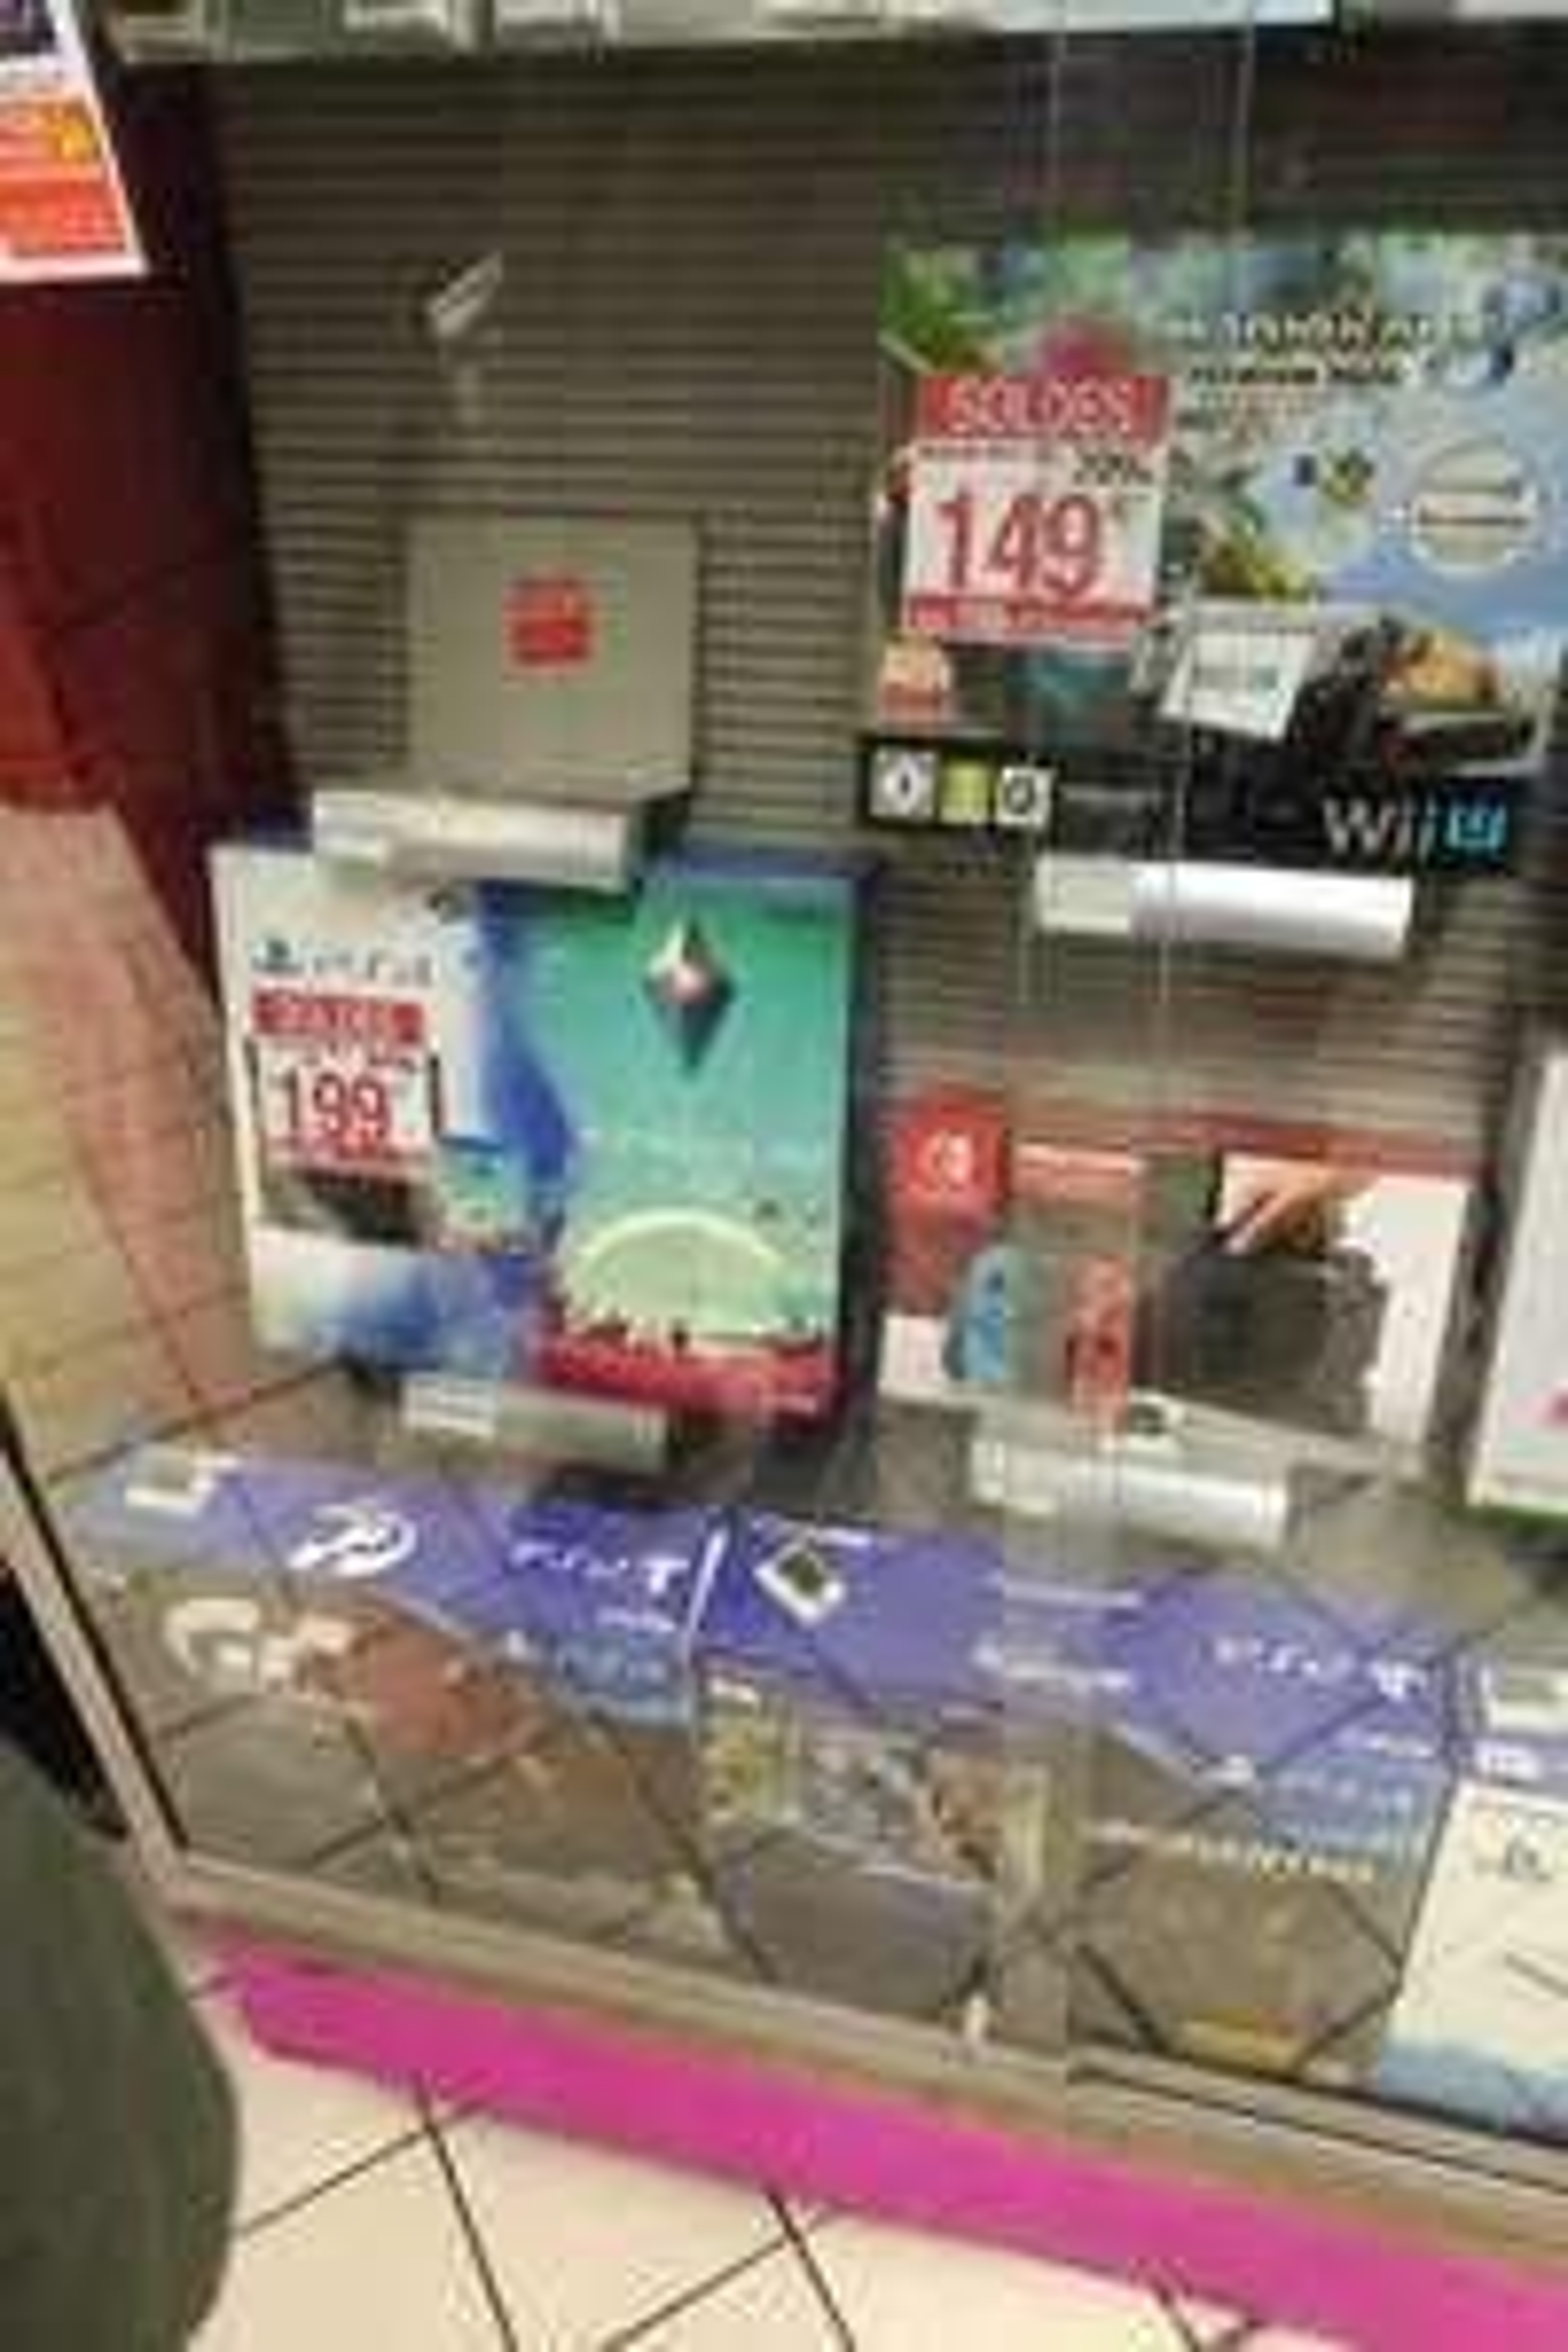 Sélection de consoles en promotion - Ex: Sony PS4 1To + No Man's Sky - Drancy (93)